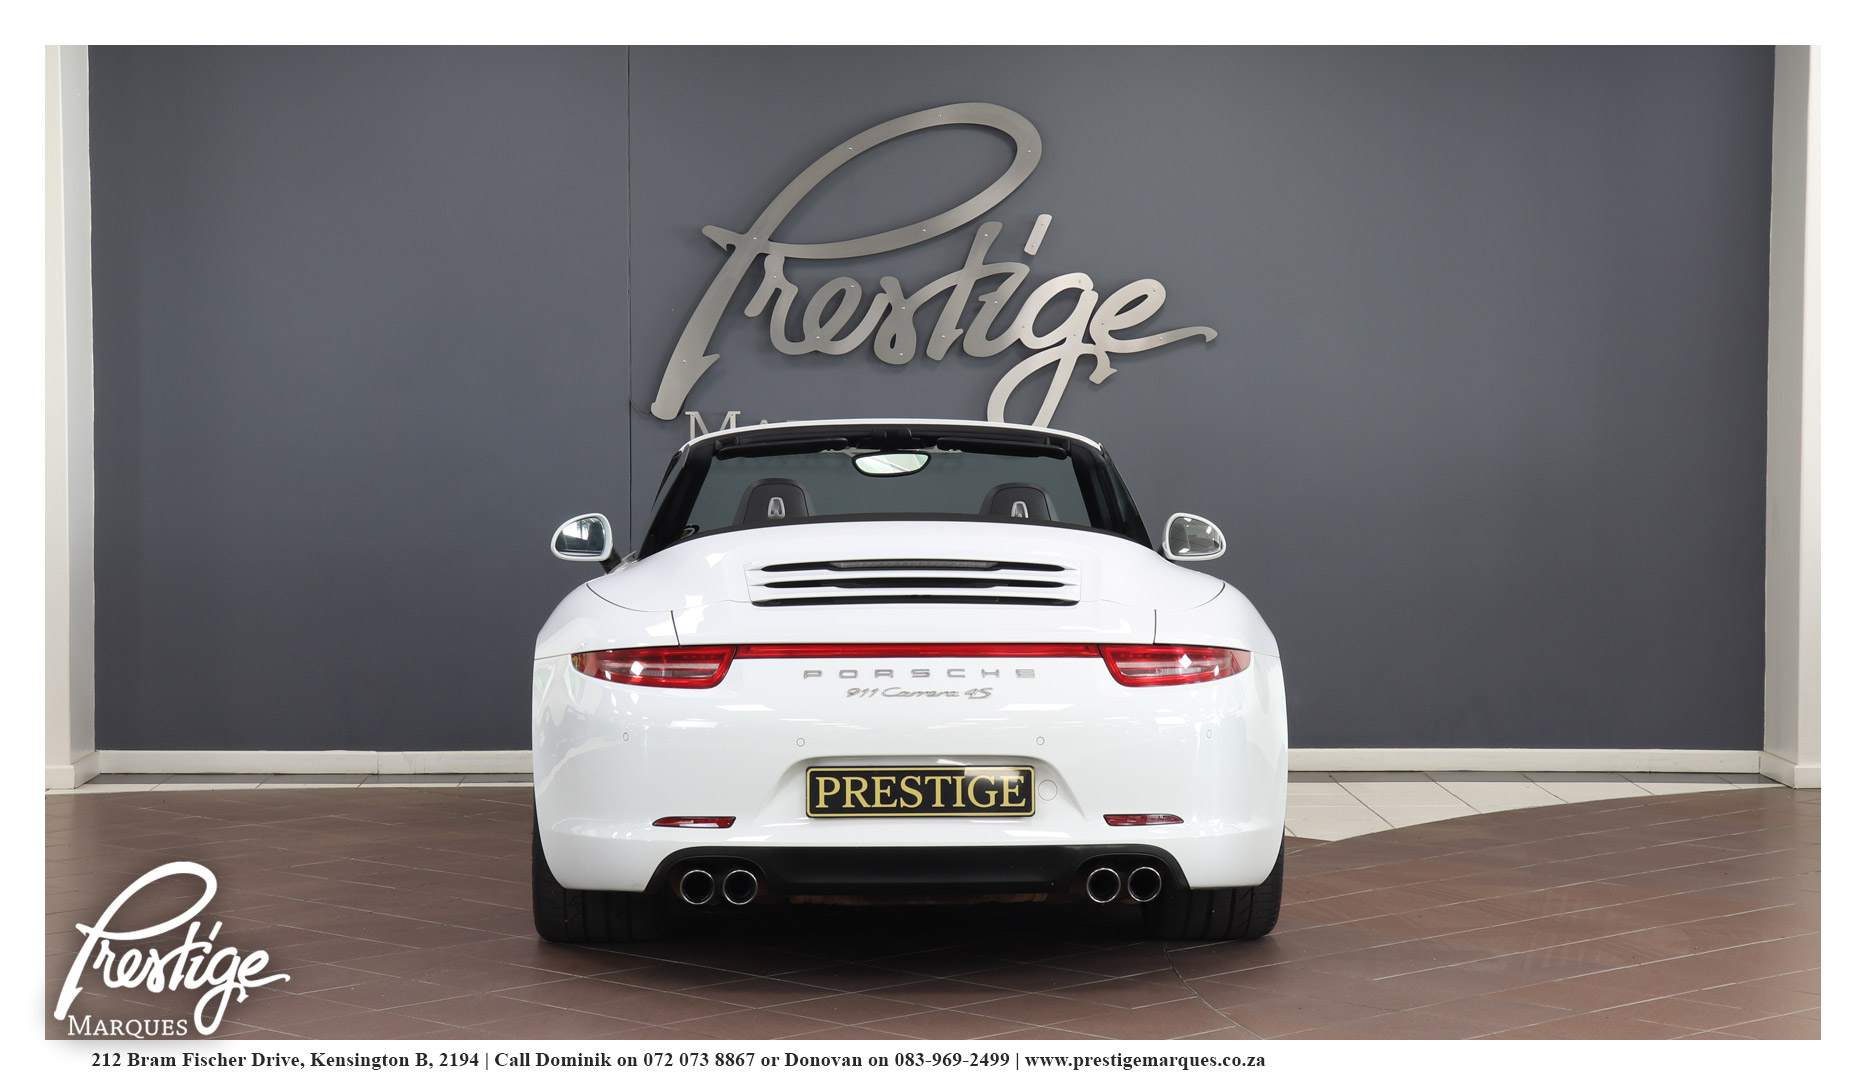 2013-Porsche-911-991-Carrera-4s-PDK-Cabriolet-Prestige-Marques-Randburg-Sandton-8